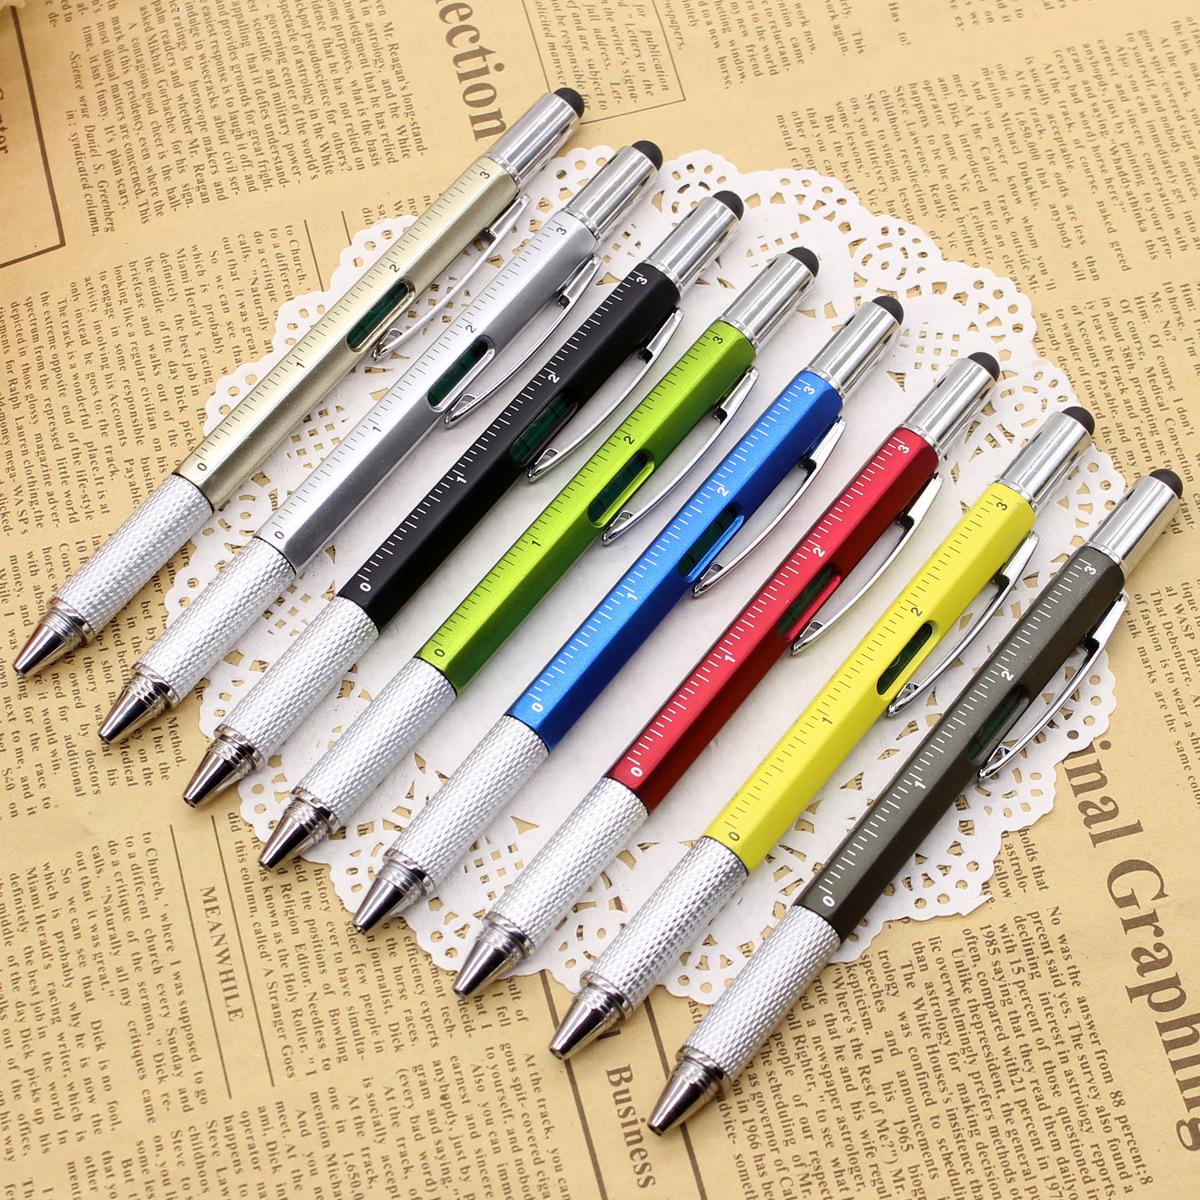 YINGGUO Bút bi Đa chức năng tuốc nơ vít công cụ caliper tinh thần mức độ bút bi quảng cáo điện dung